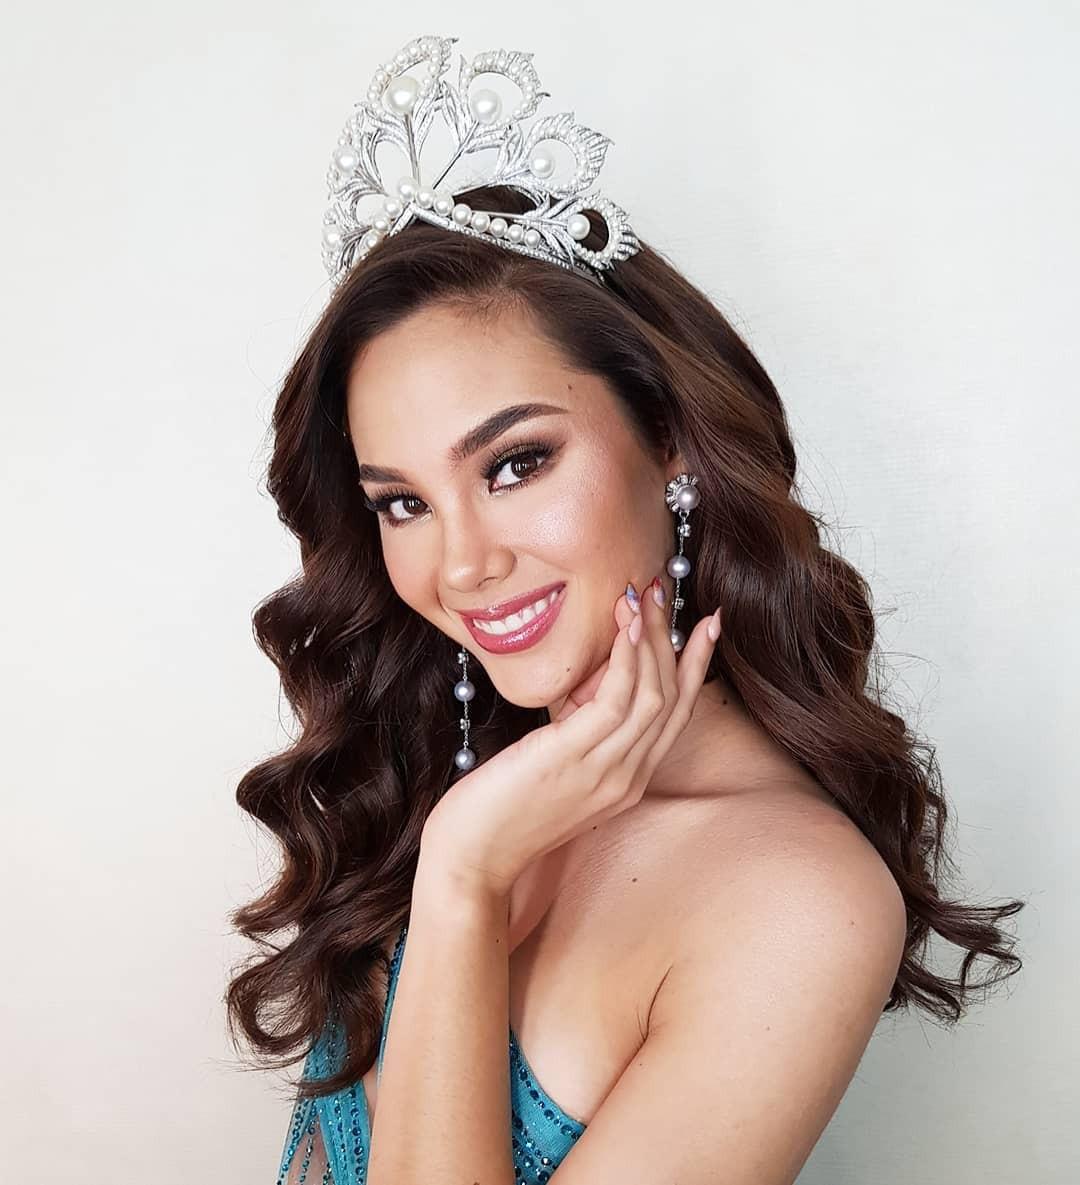 Sự cố hi hữu trong lịch sử Miss Universe: Đang diễu hành, Hoa hậu làm vỡ vương miện 6 tỉ và phản ứng bất ngờ sau đó - Ảnh 2.